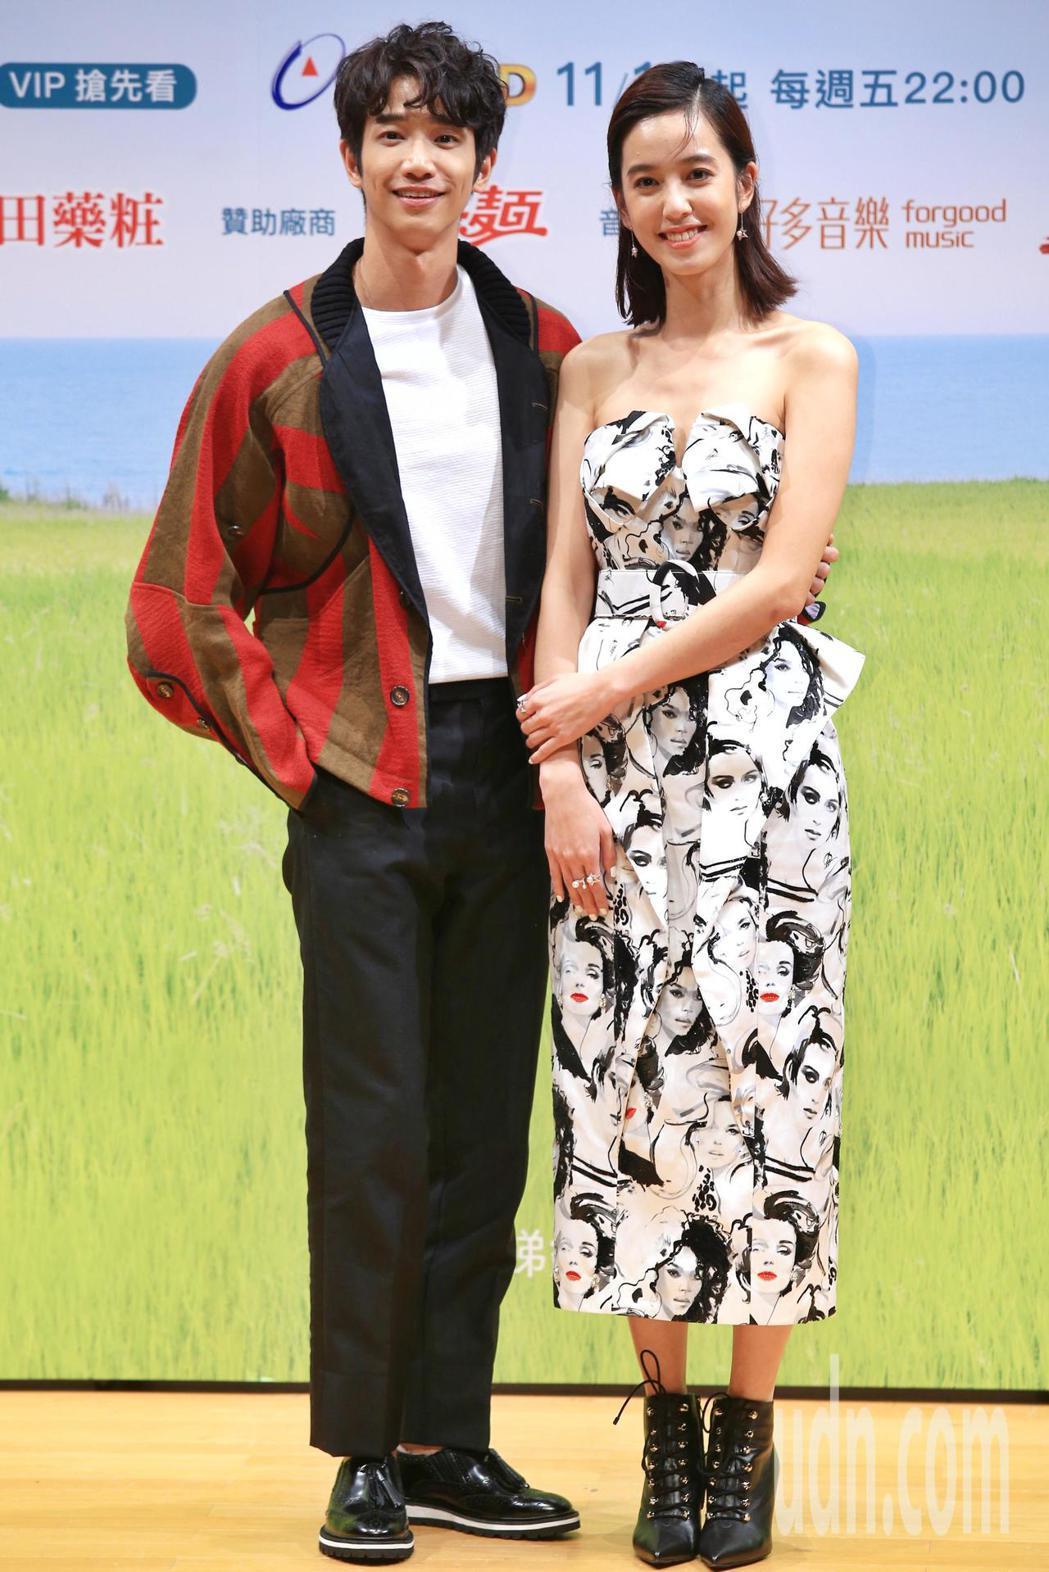 《種菜女神》下午舉行首映發布會,主要演員劉以豪(左)與陳庭妮(右)出席。記者林伯...